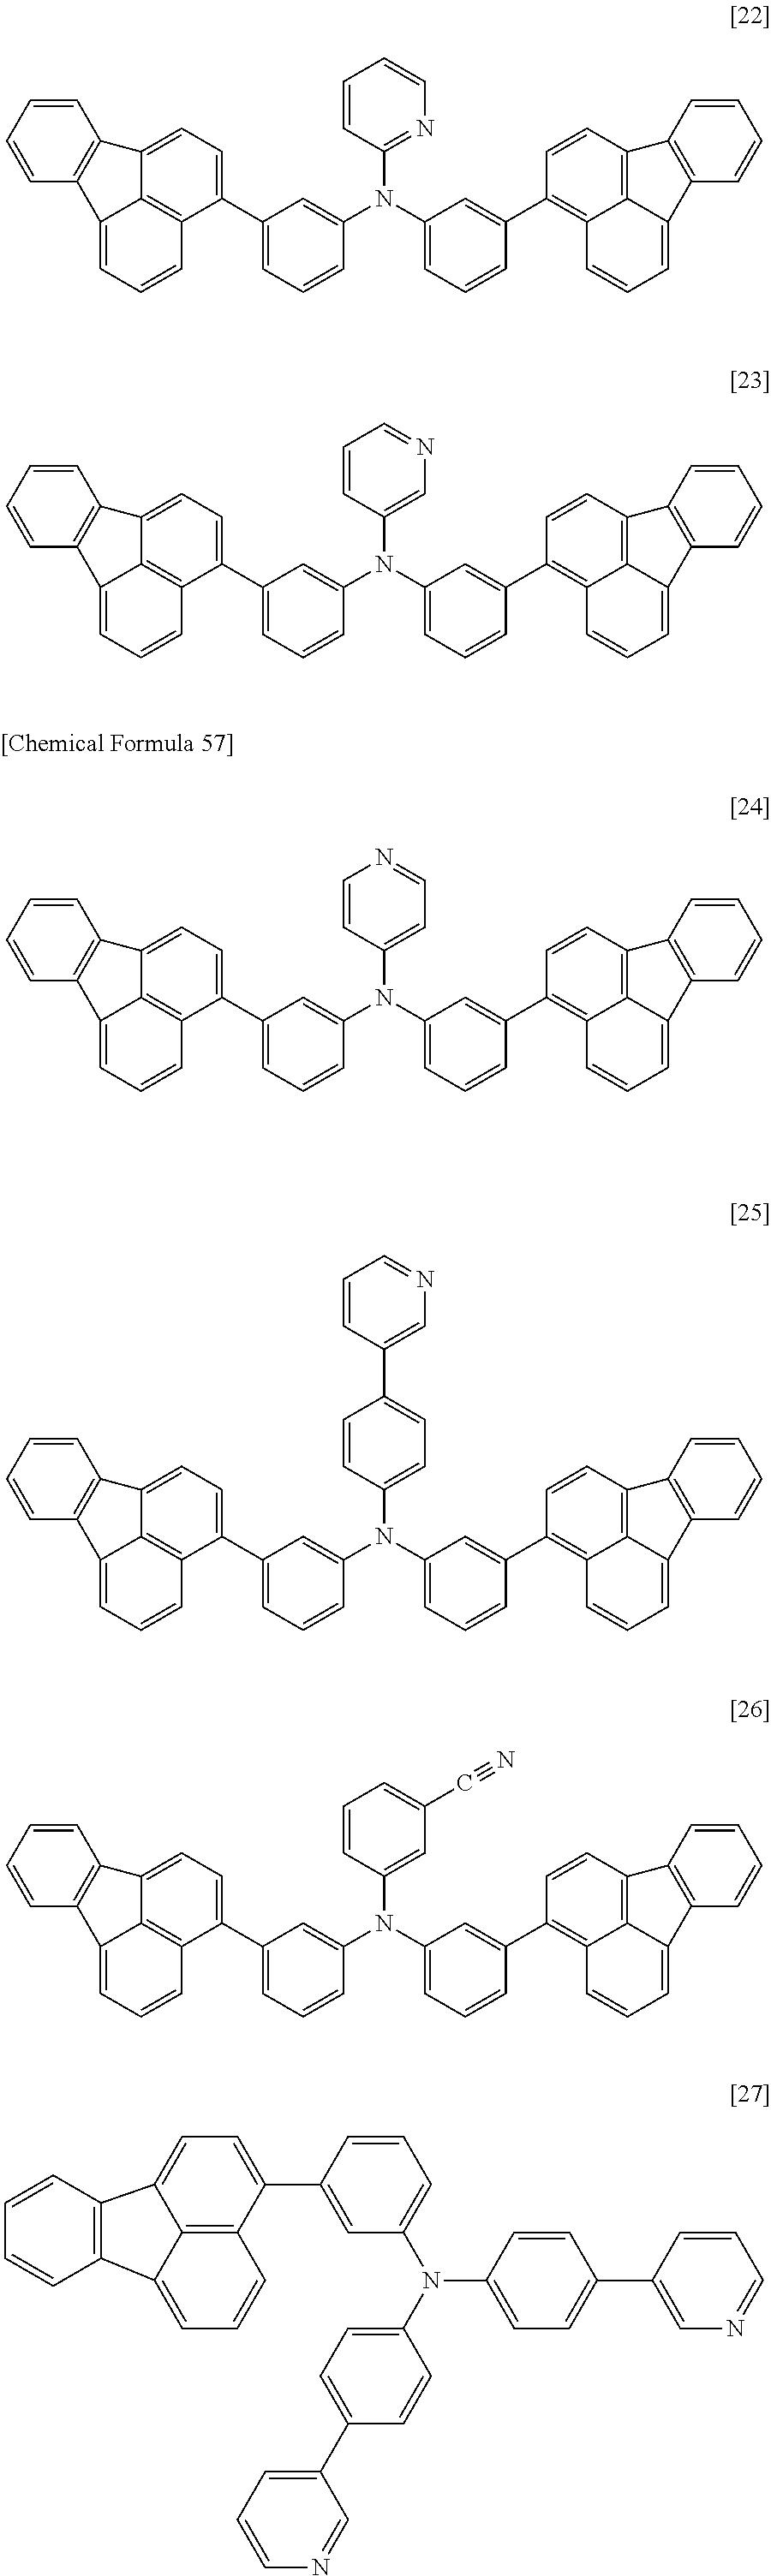 Figure US20150280139A1-20151001-C00143